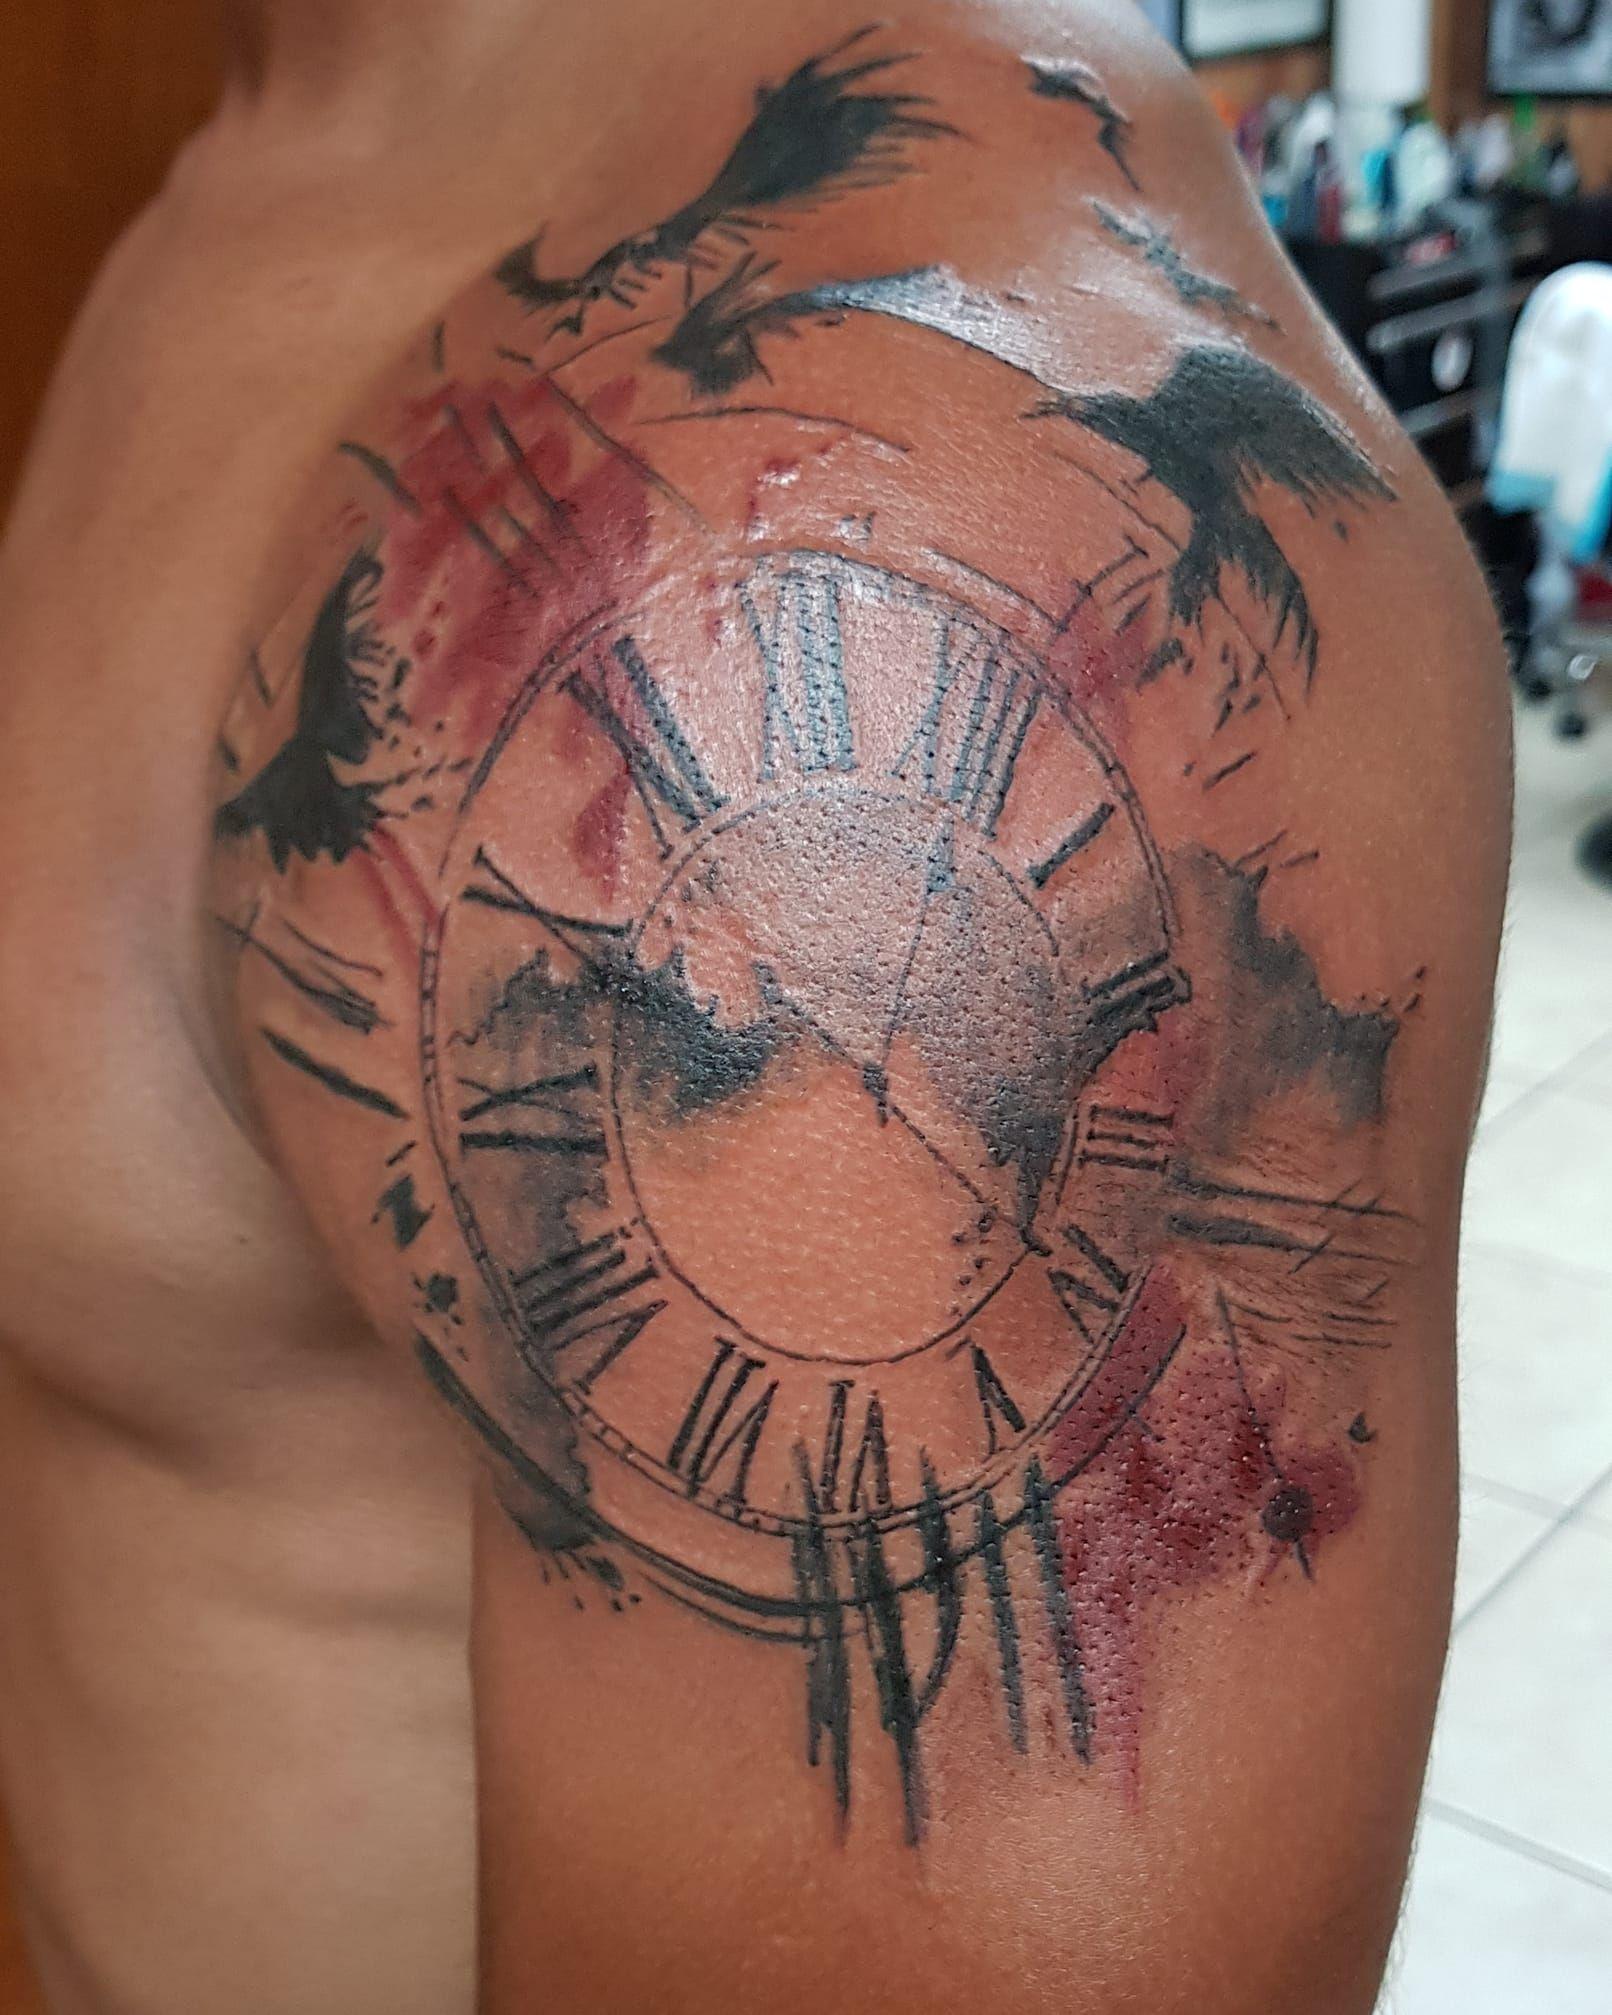 Balinese Tattoo Miami - Tattoo studio in Miami | Best tattoos of ...